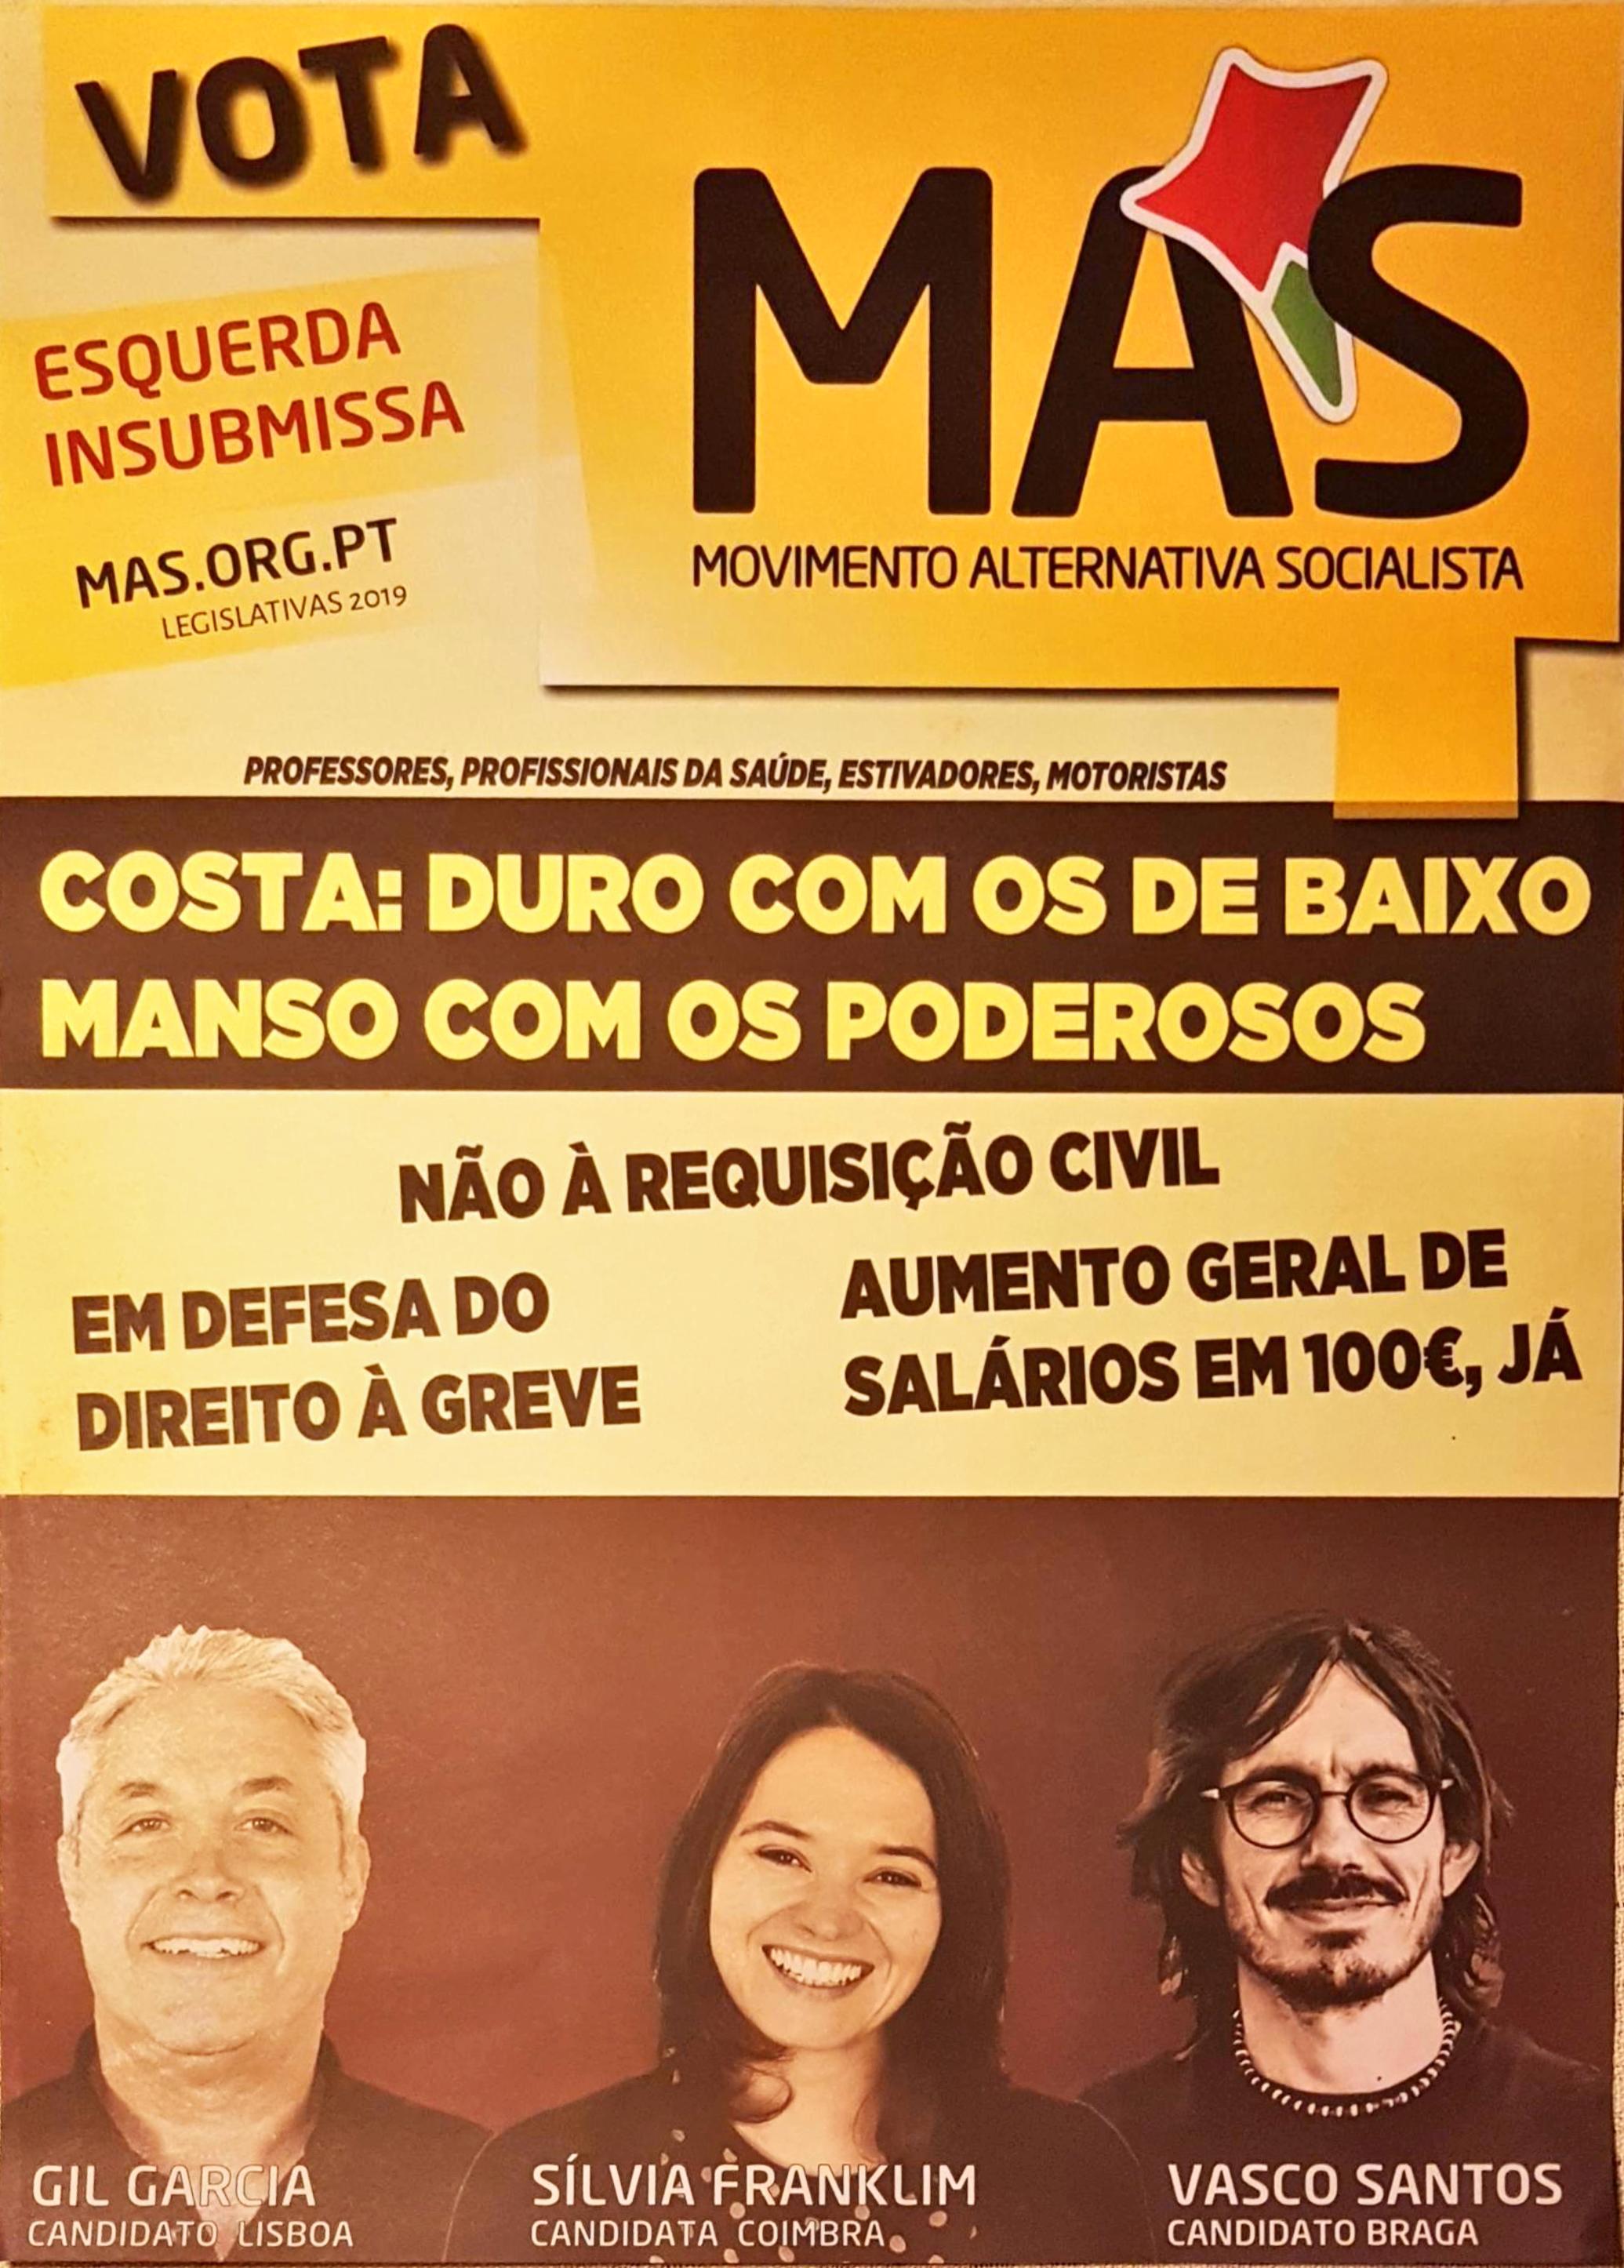 MAS_2019_legislativas_00